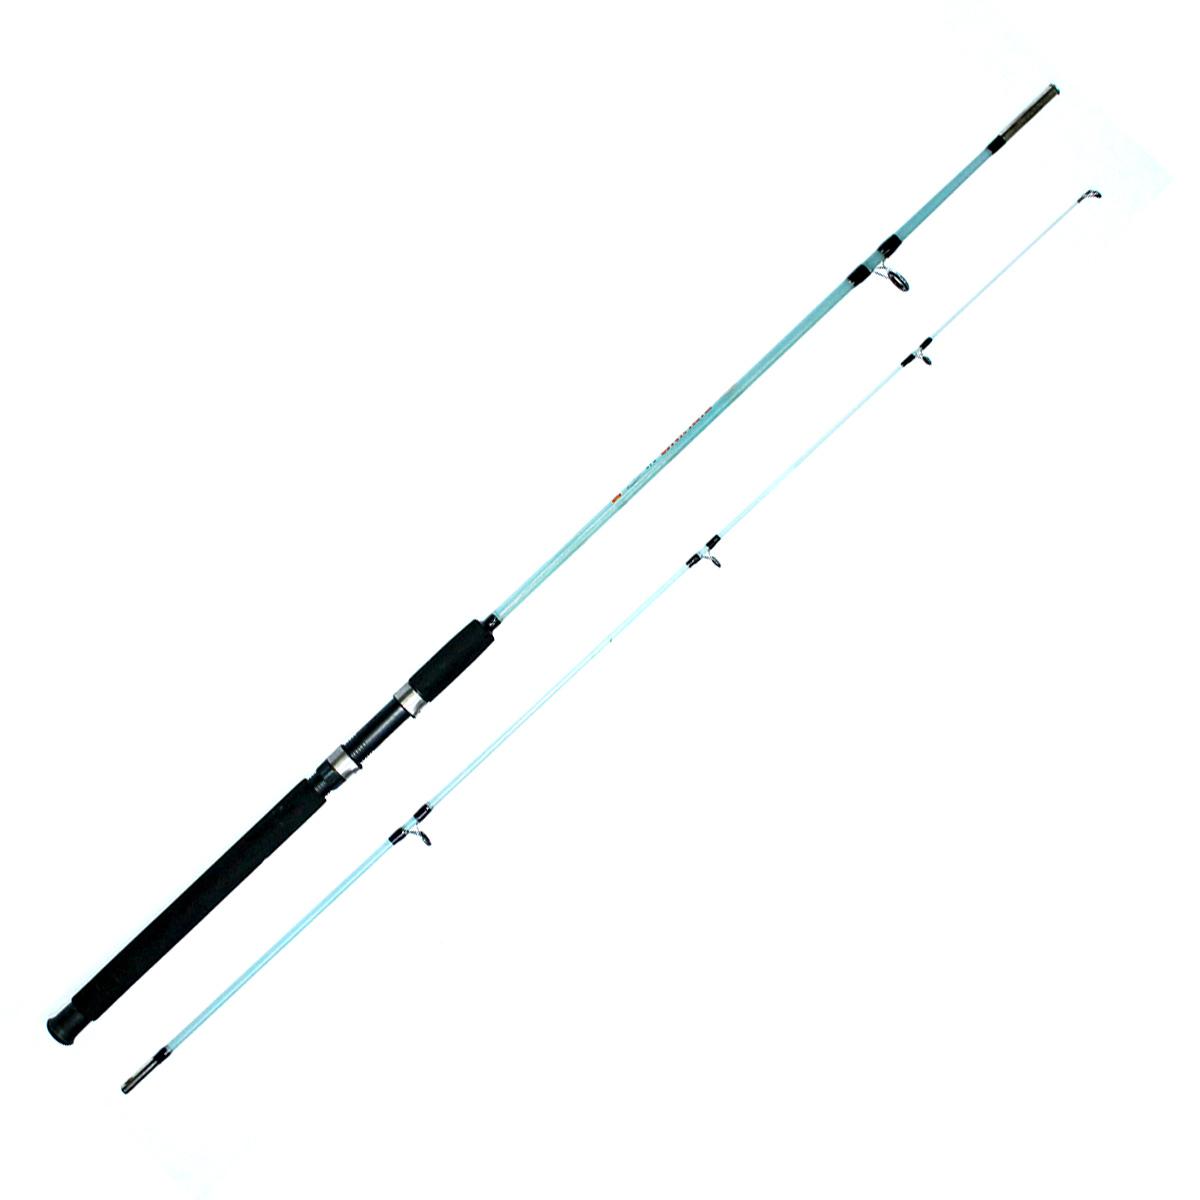 Cần Câu Máy Hai Khúc Đặc Trong Fishing 2402 - 2m4 Cần Phổ Thông